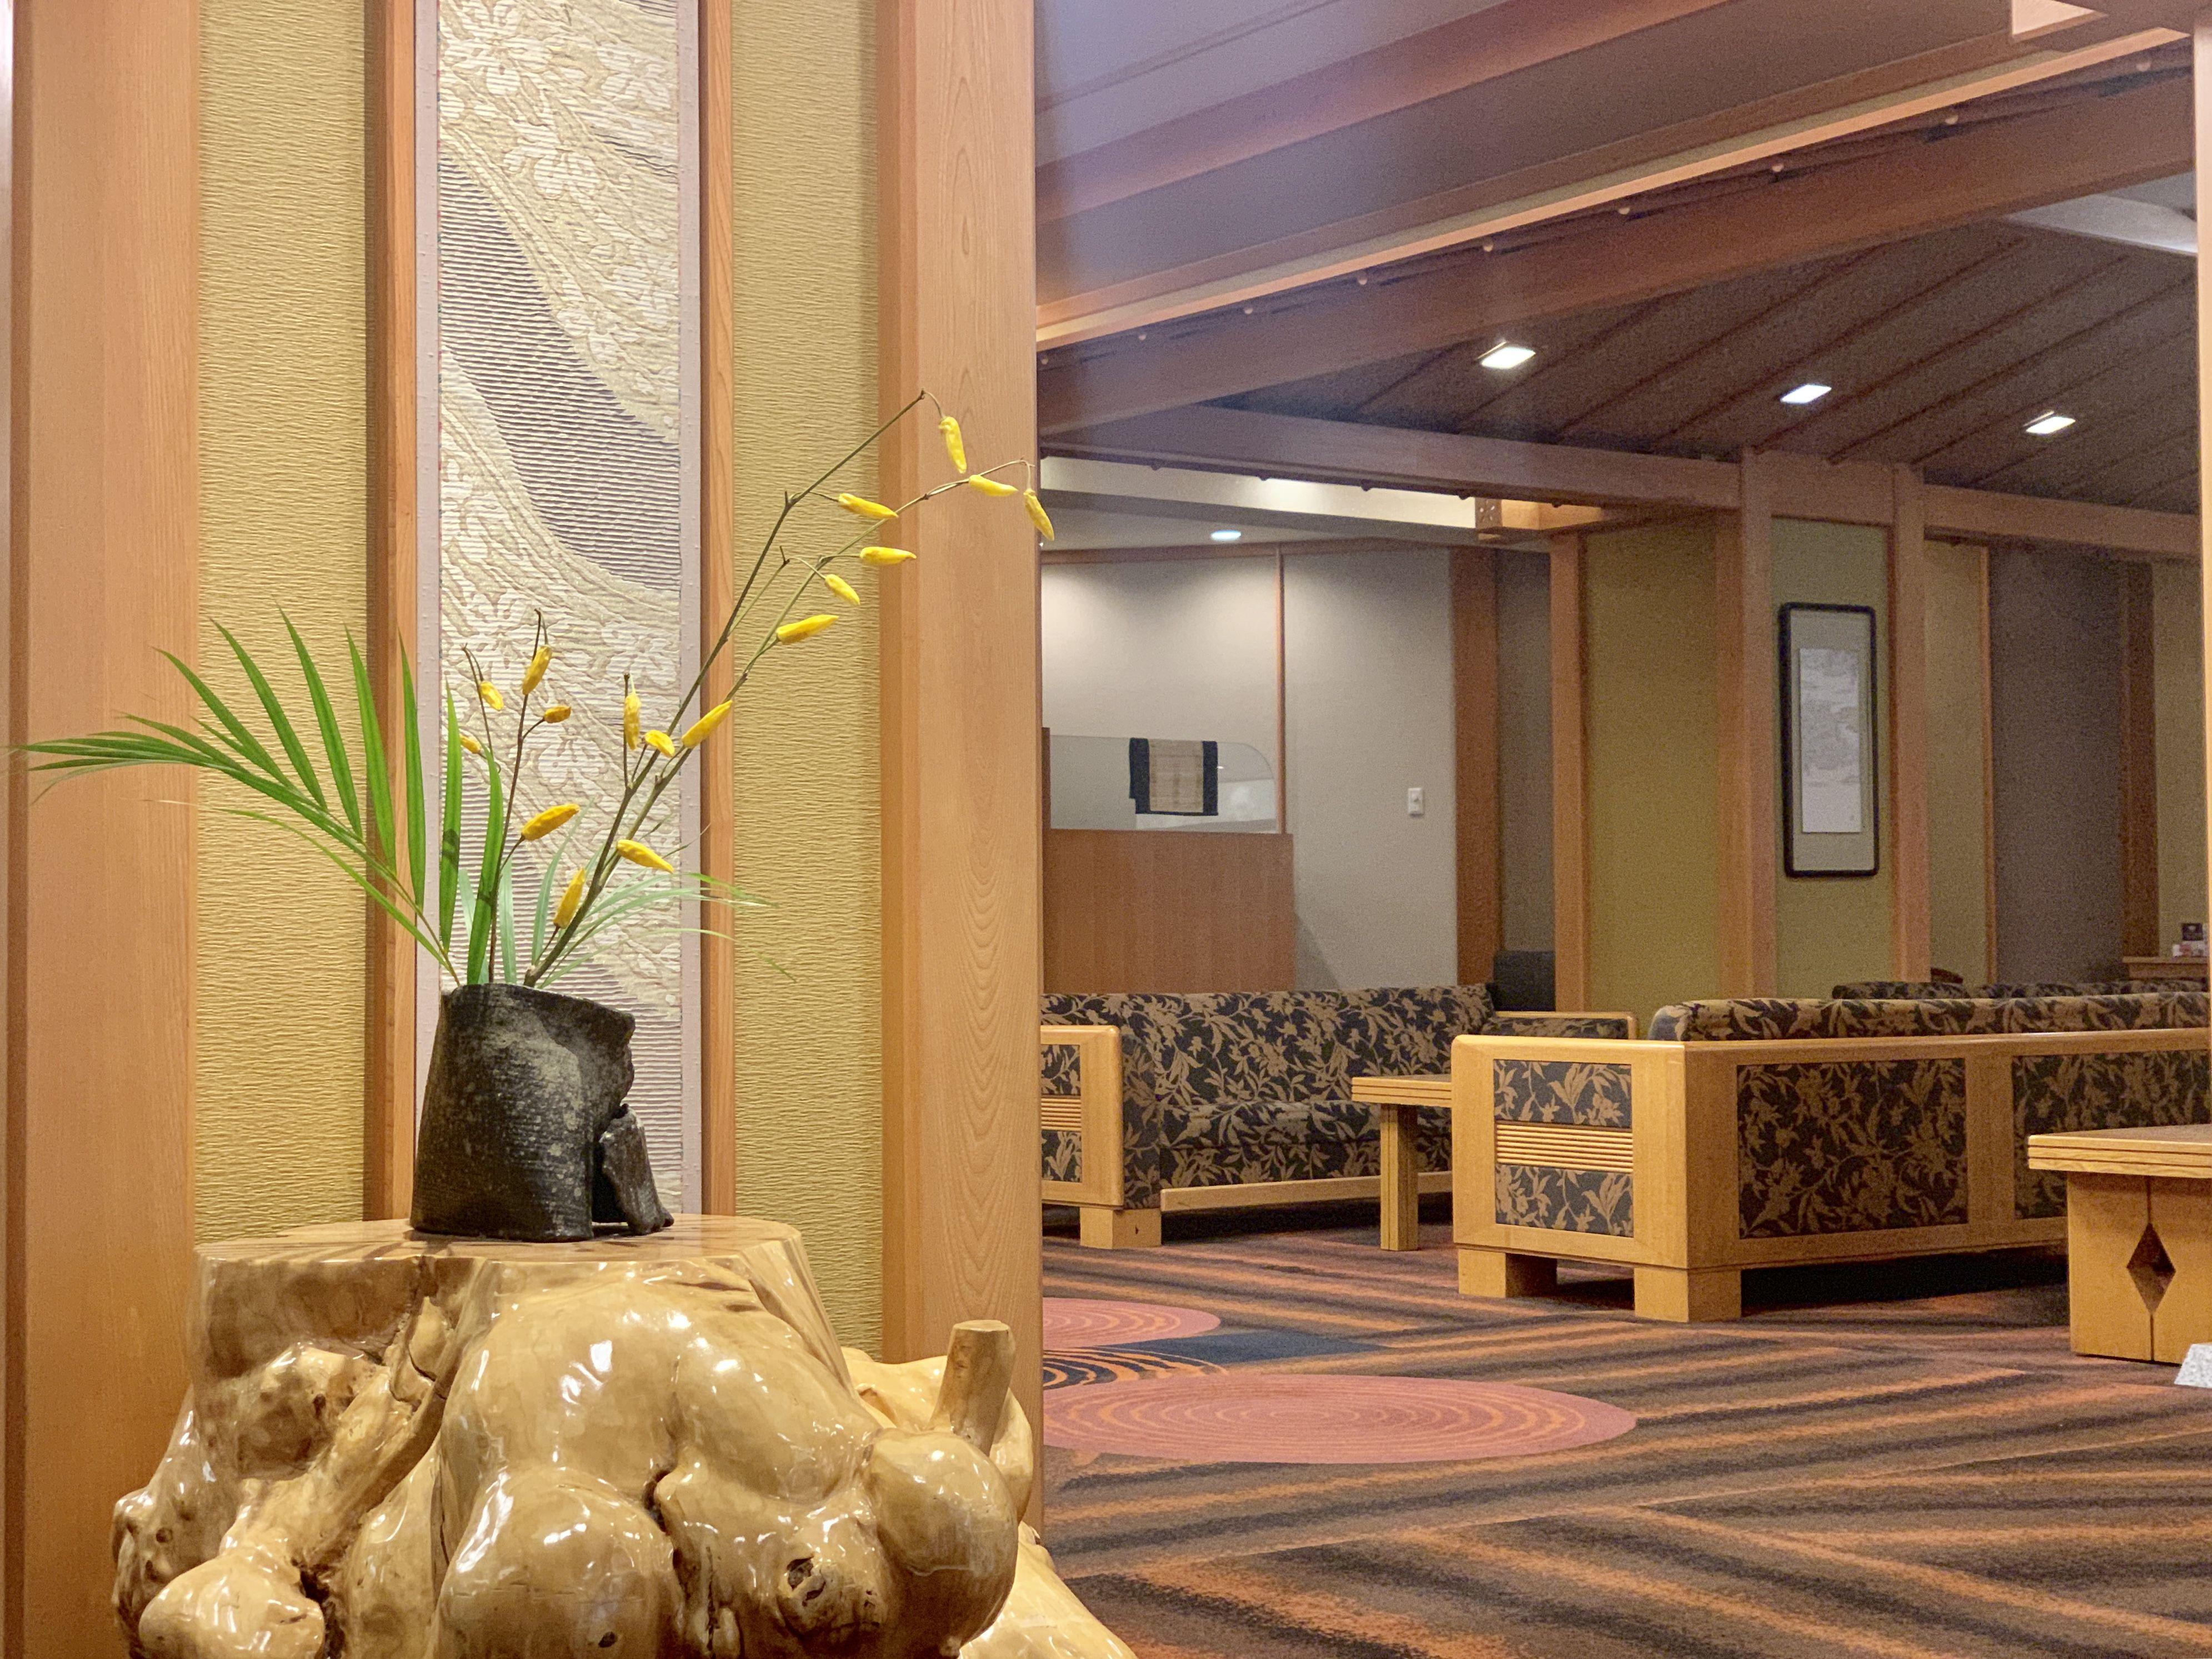 ロビーの生け花 2019 9 20 雅 旅館 道東